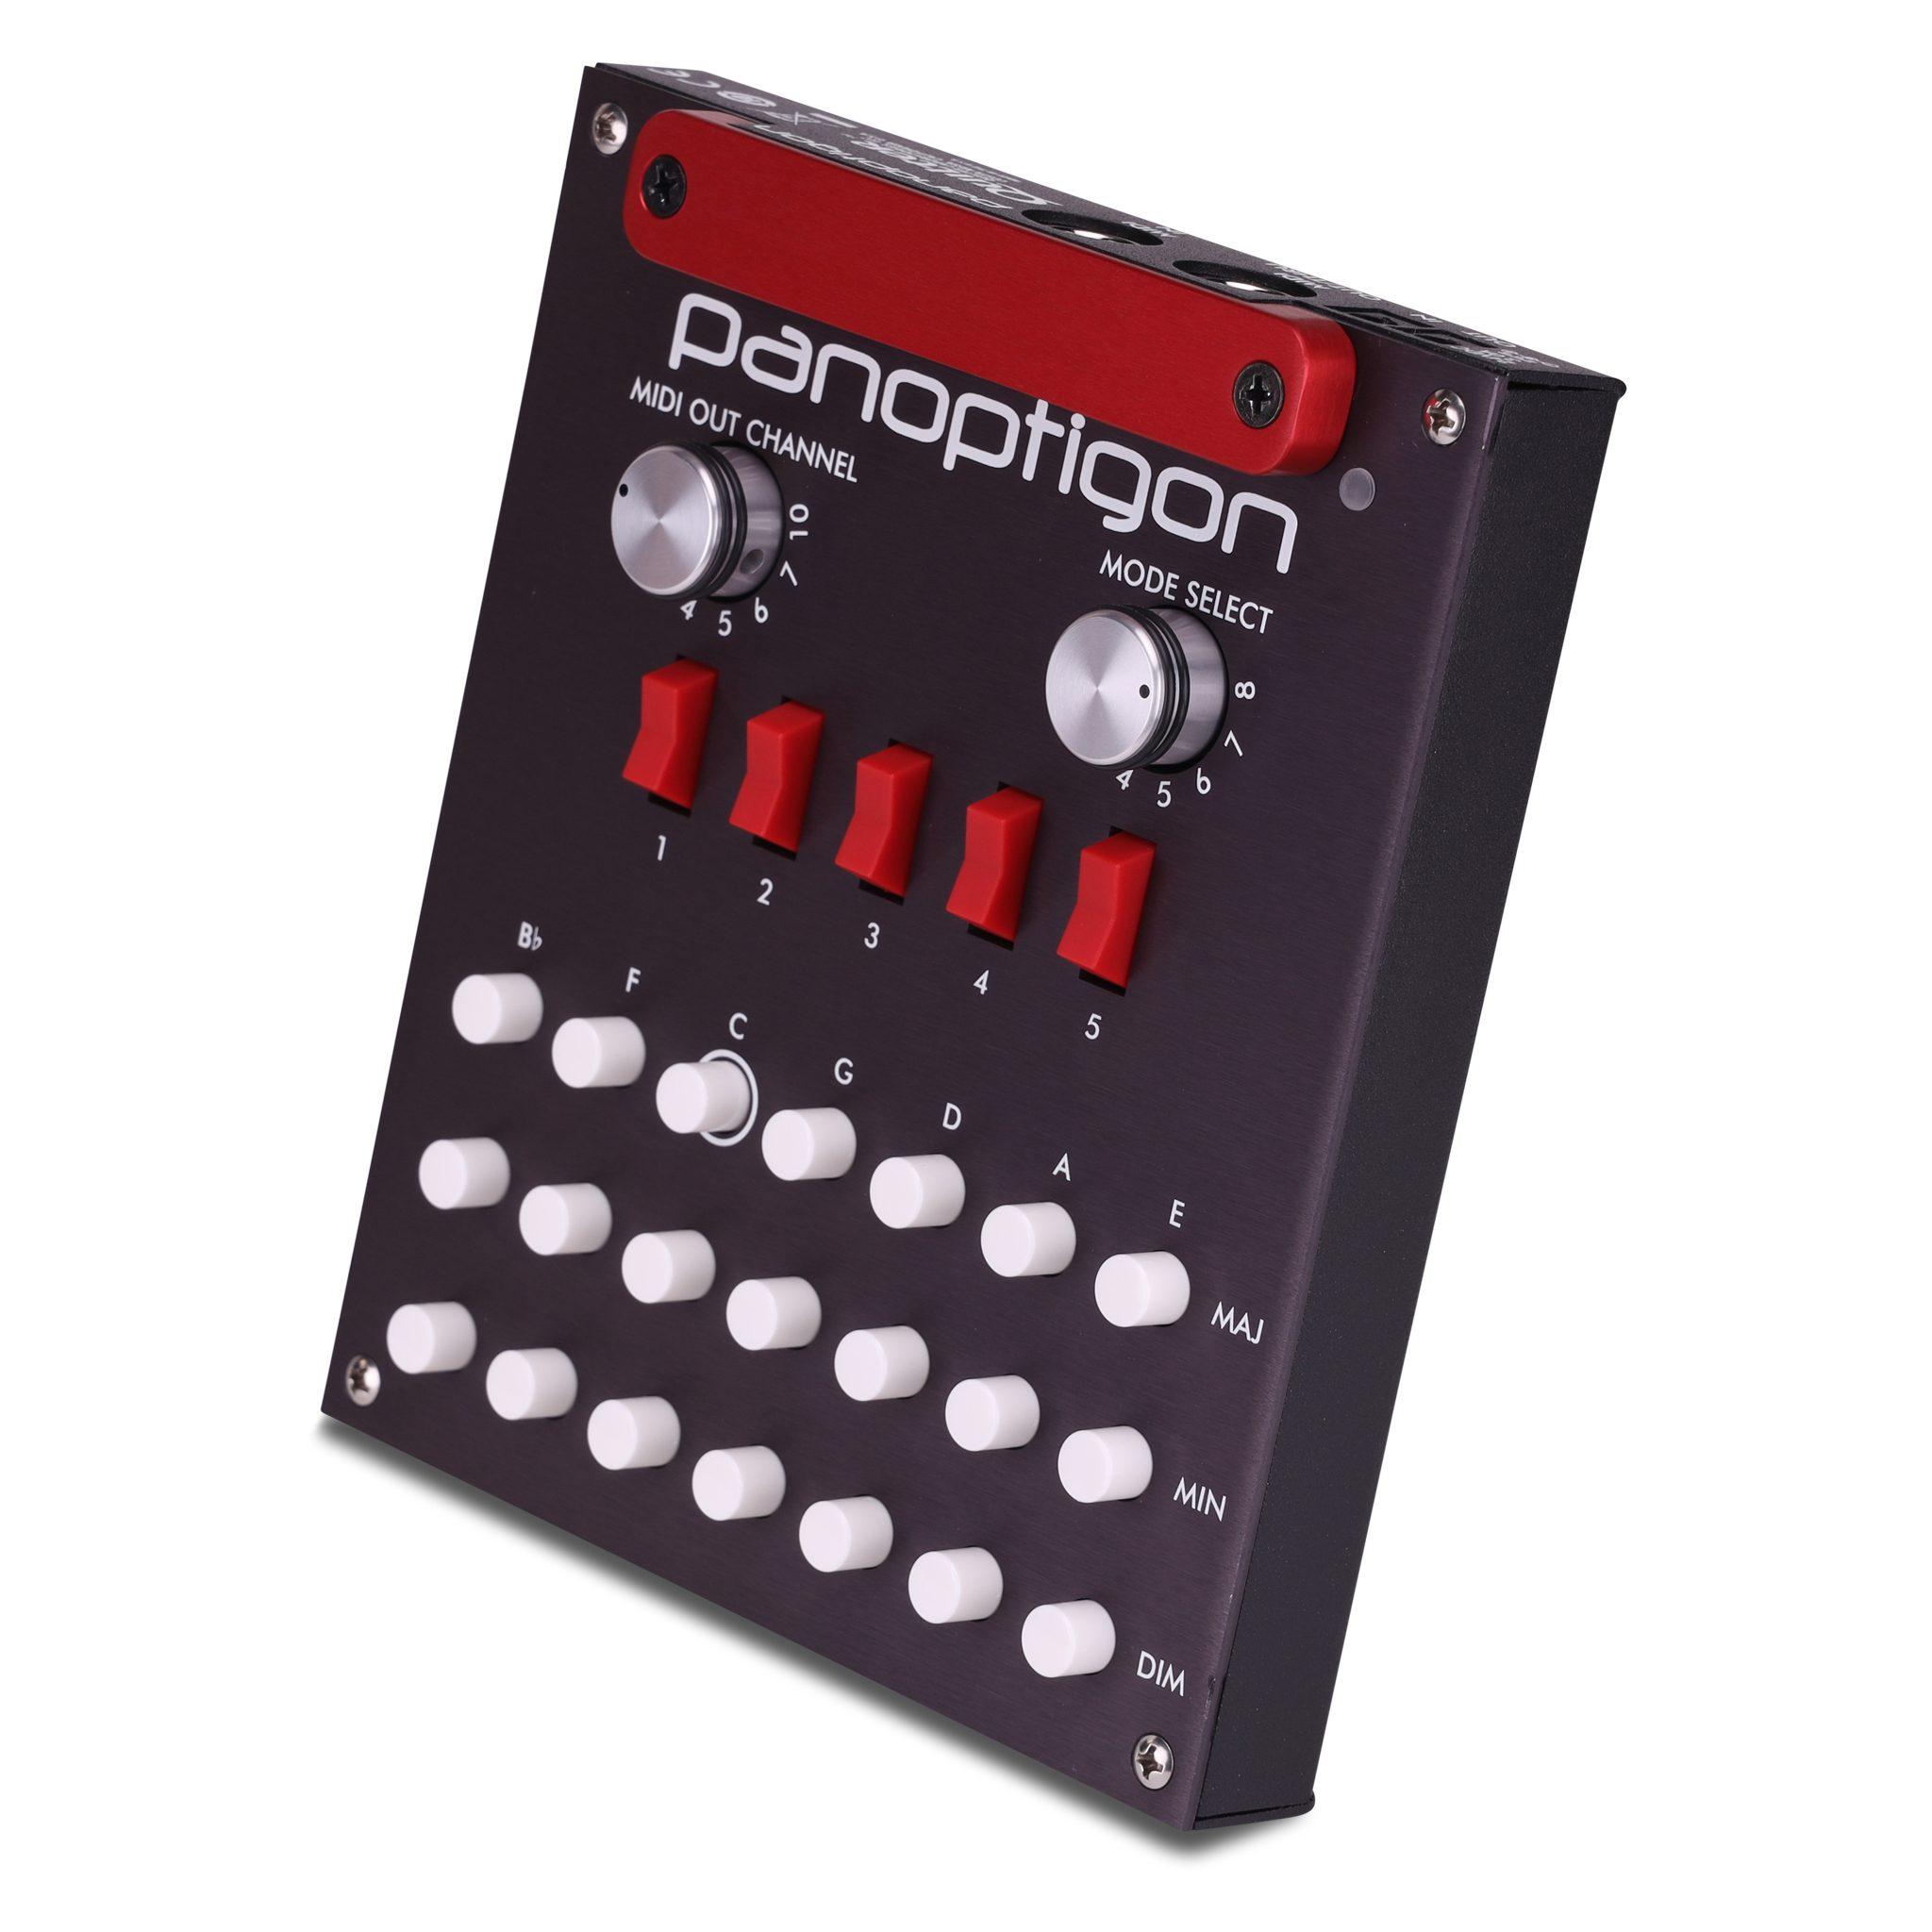 3-panoptigonchordcontroller